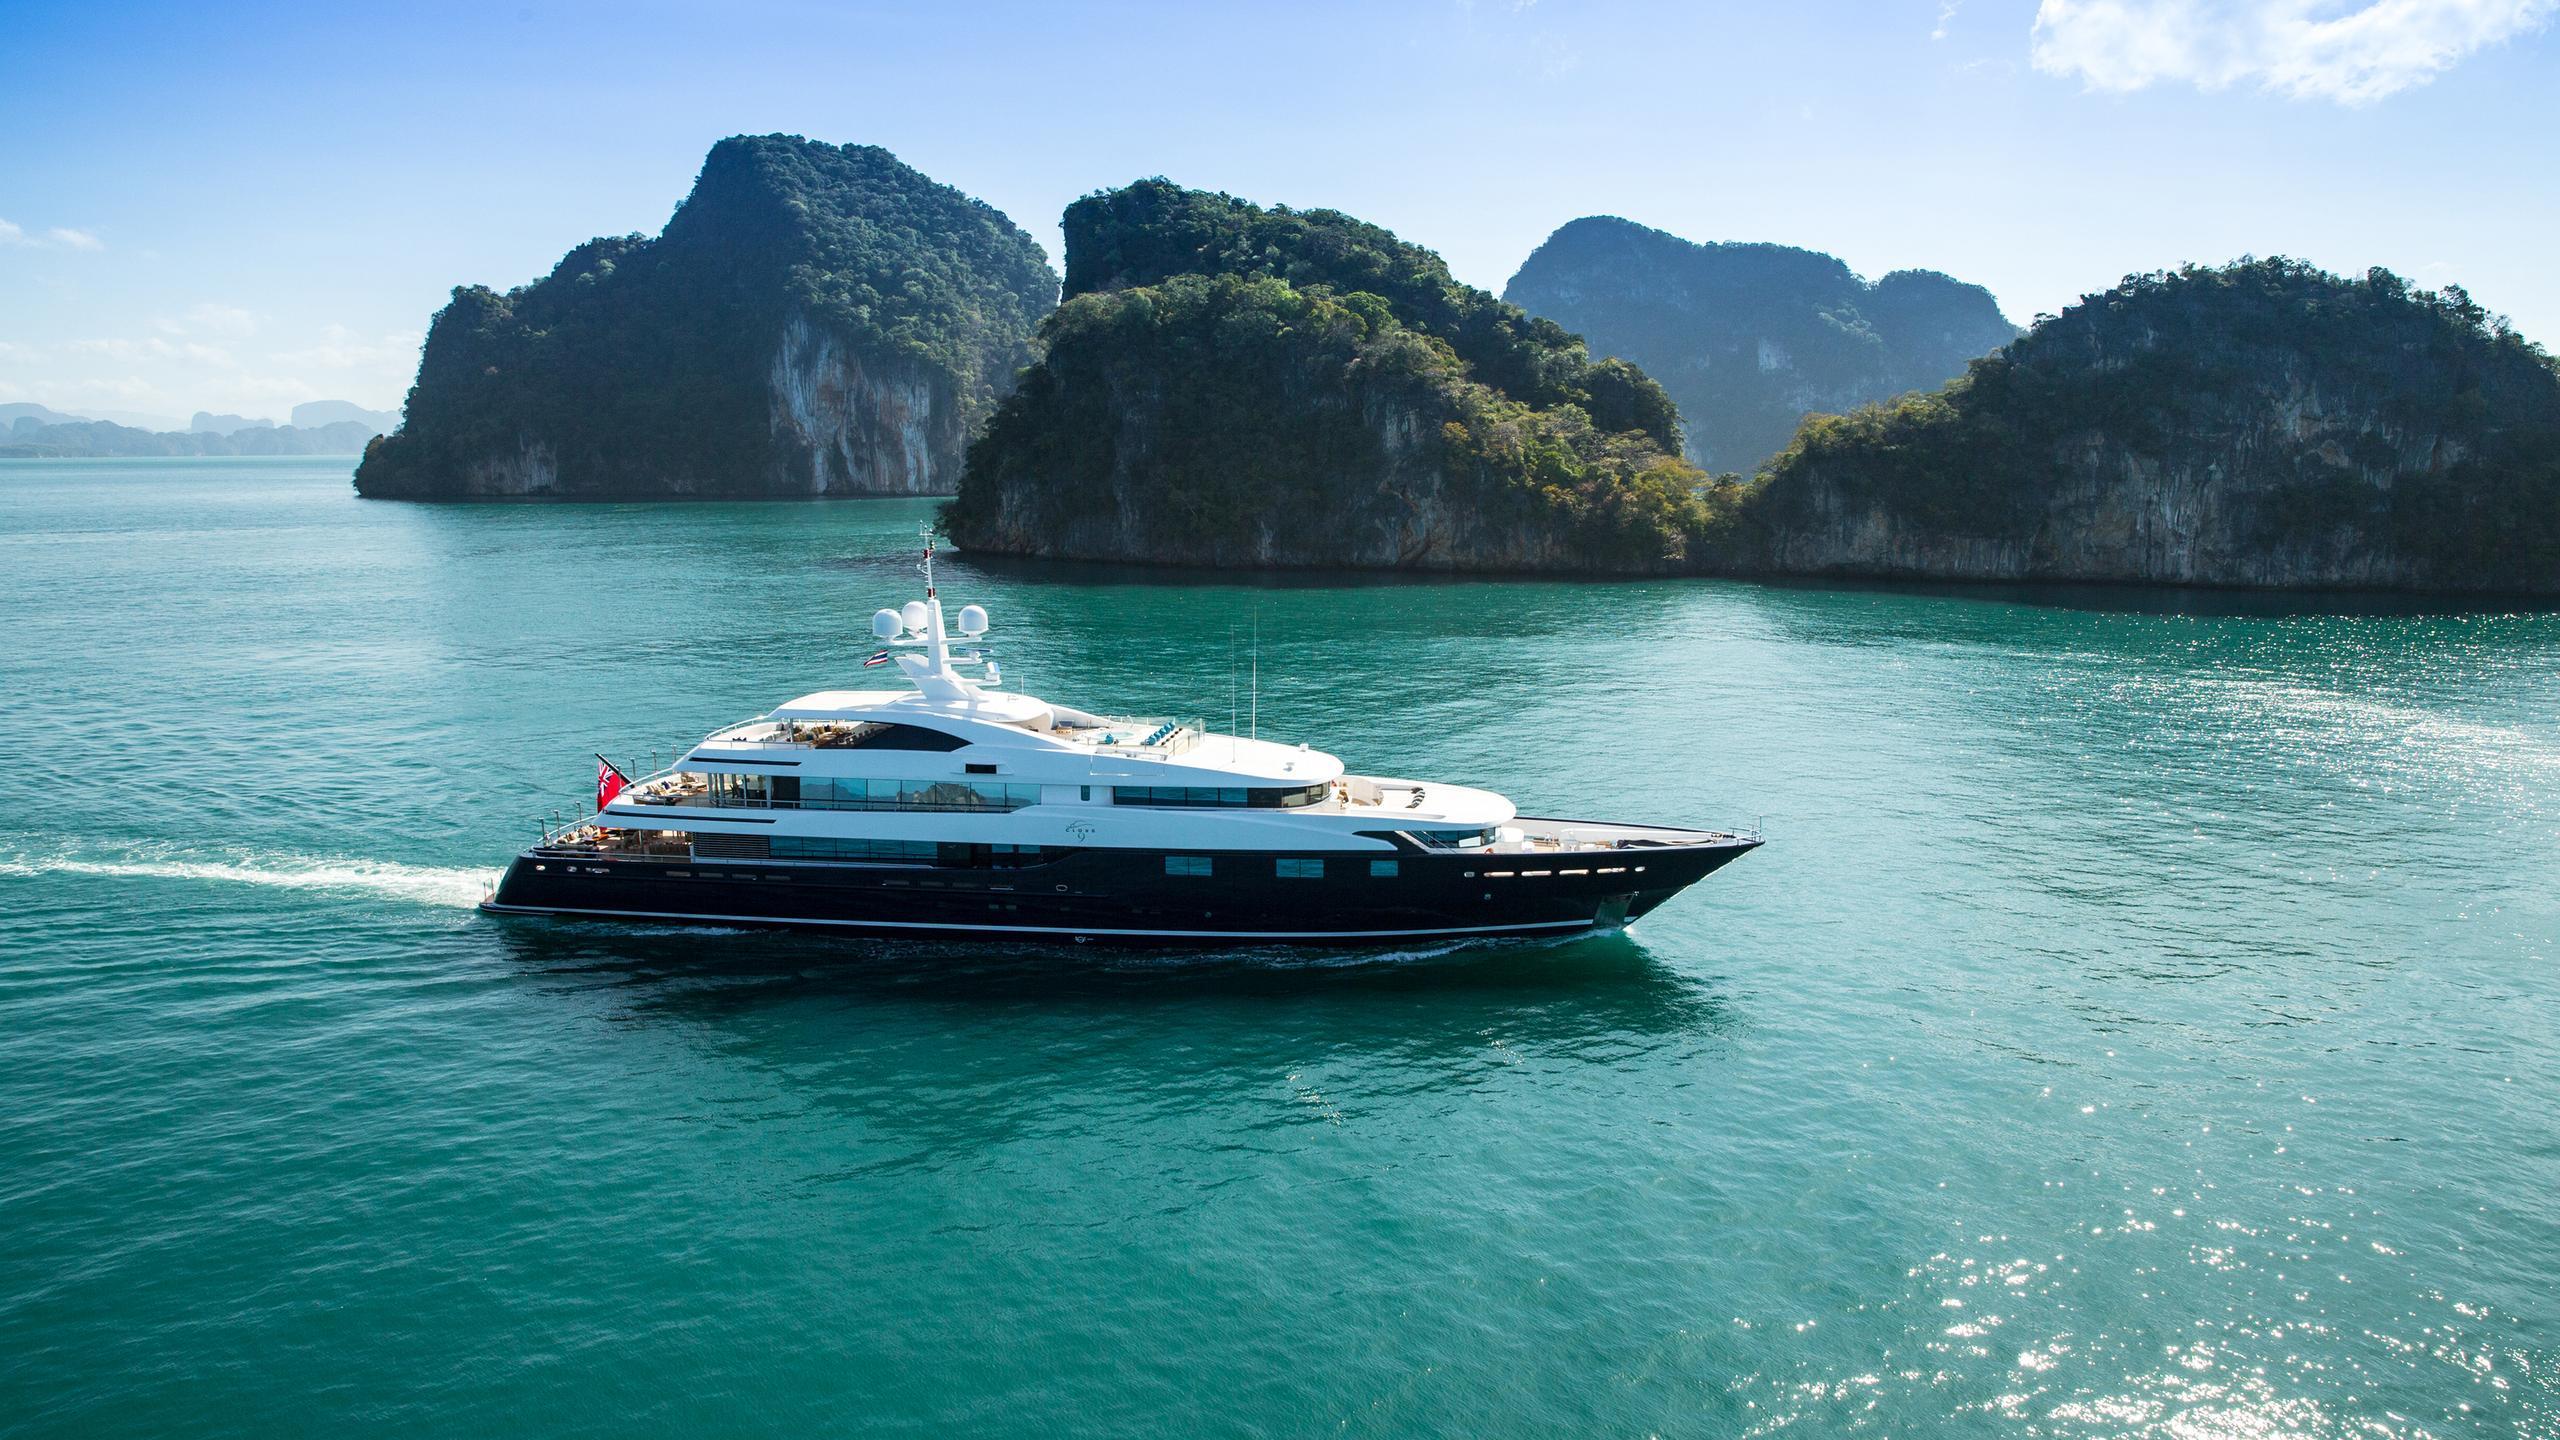 cloud-9-yacht-running